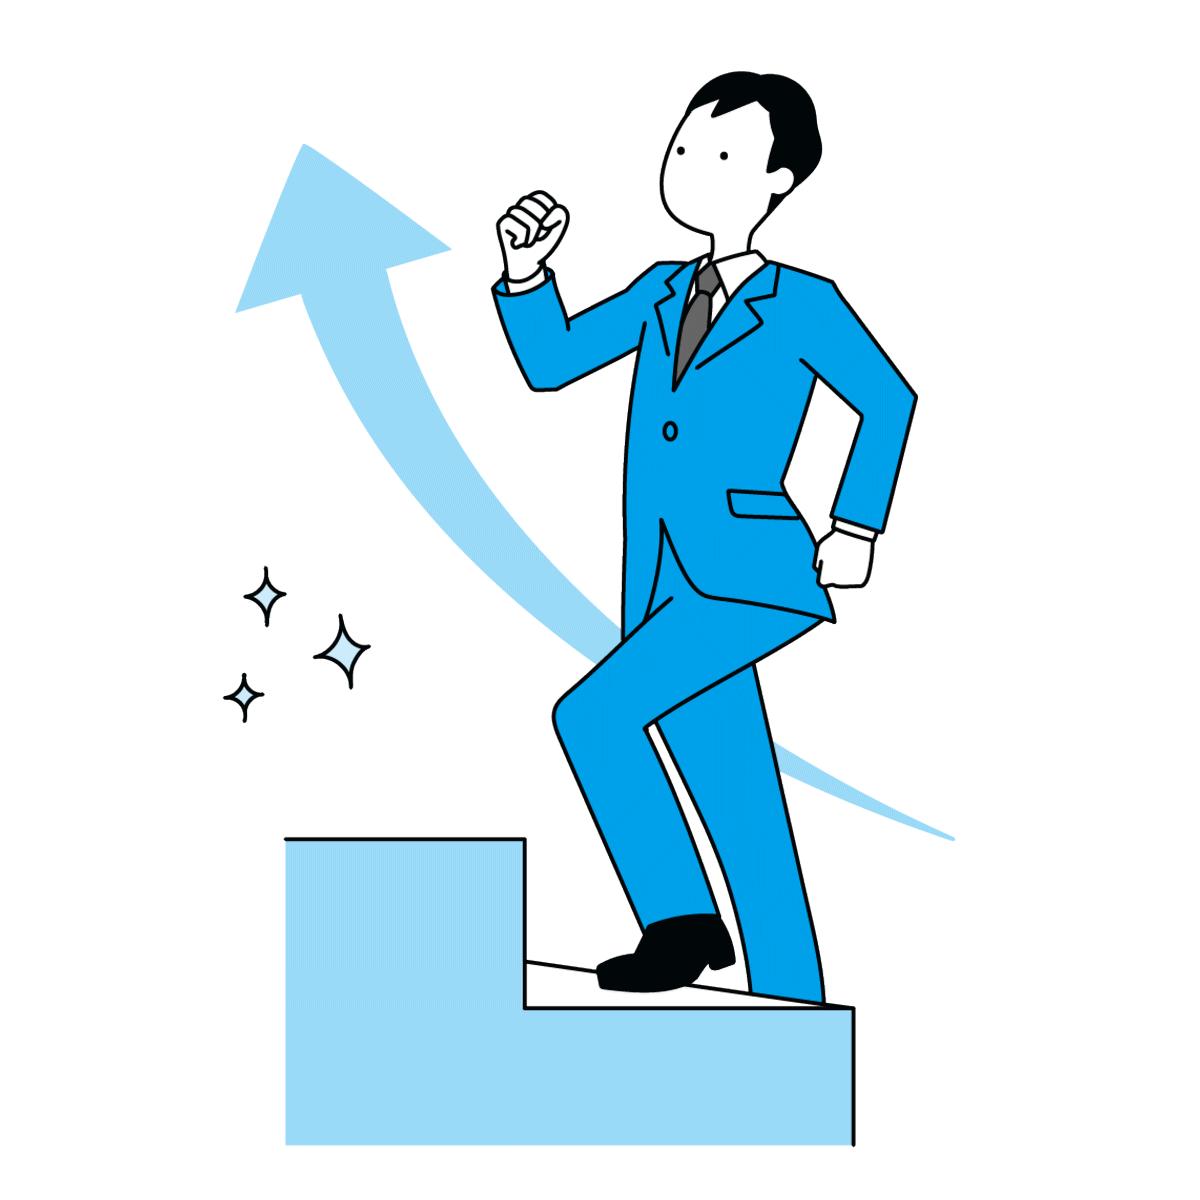 やる気の出すためには手順や順序が大切であることを表しているイラスト